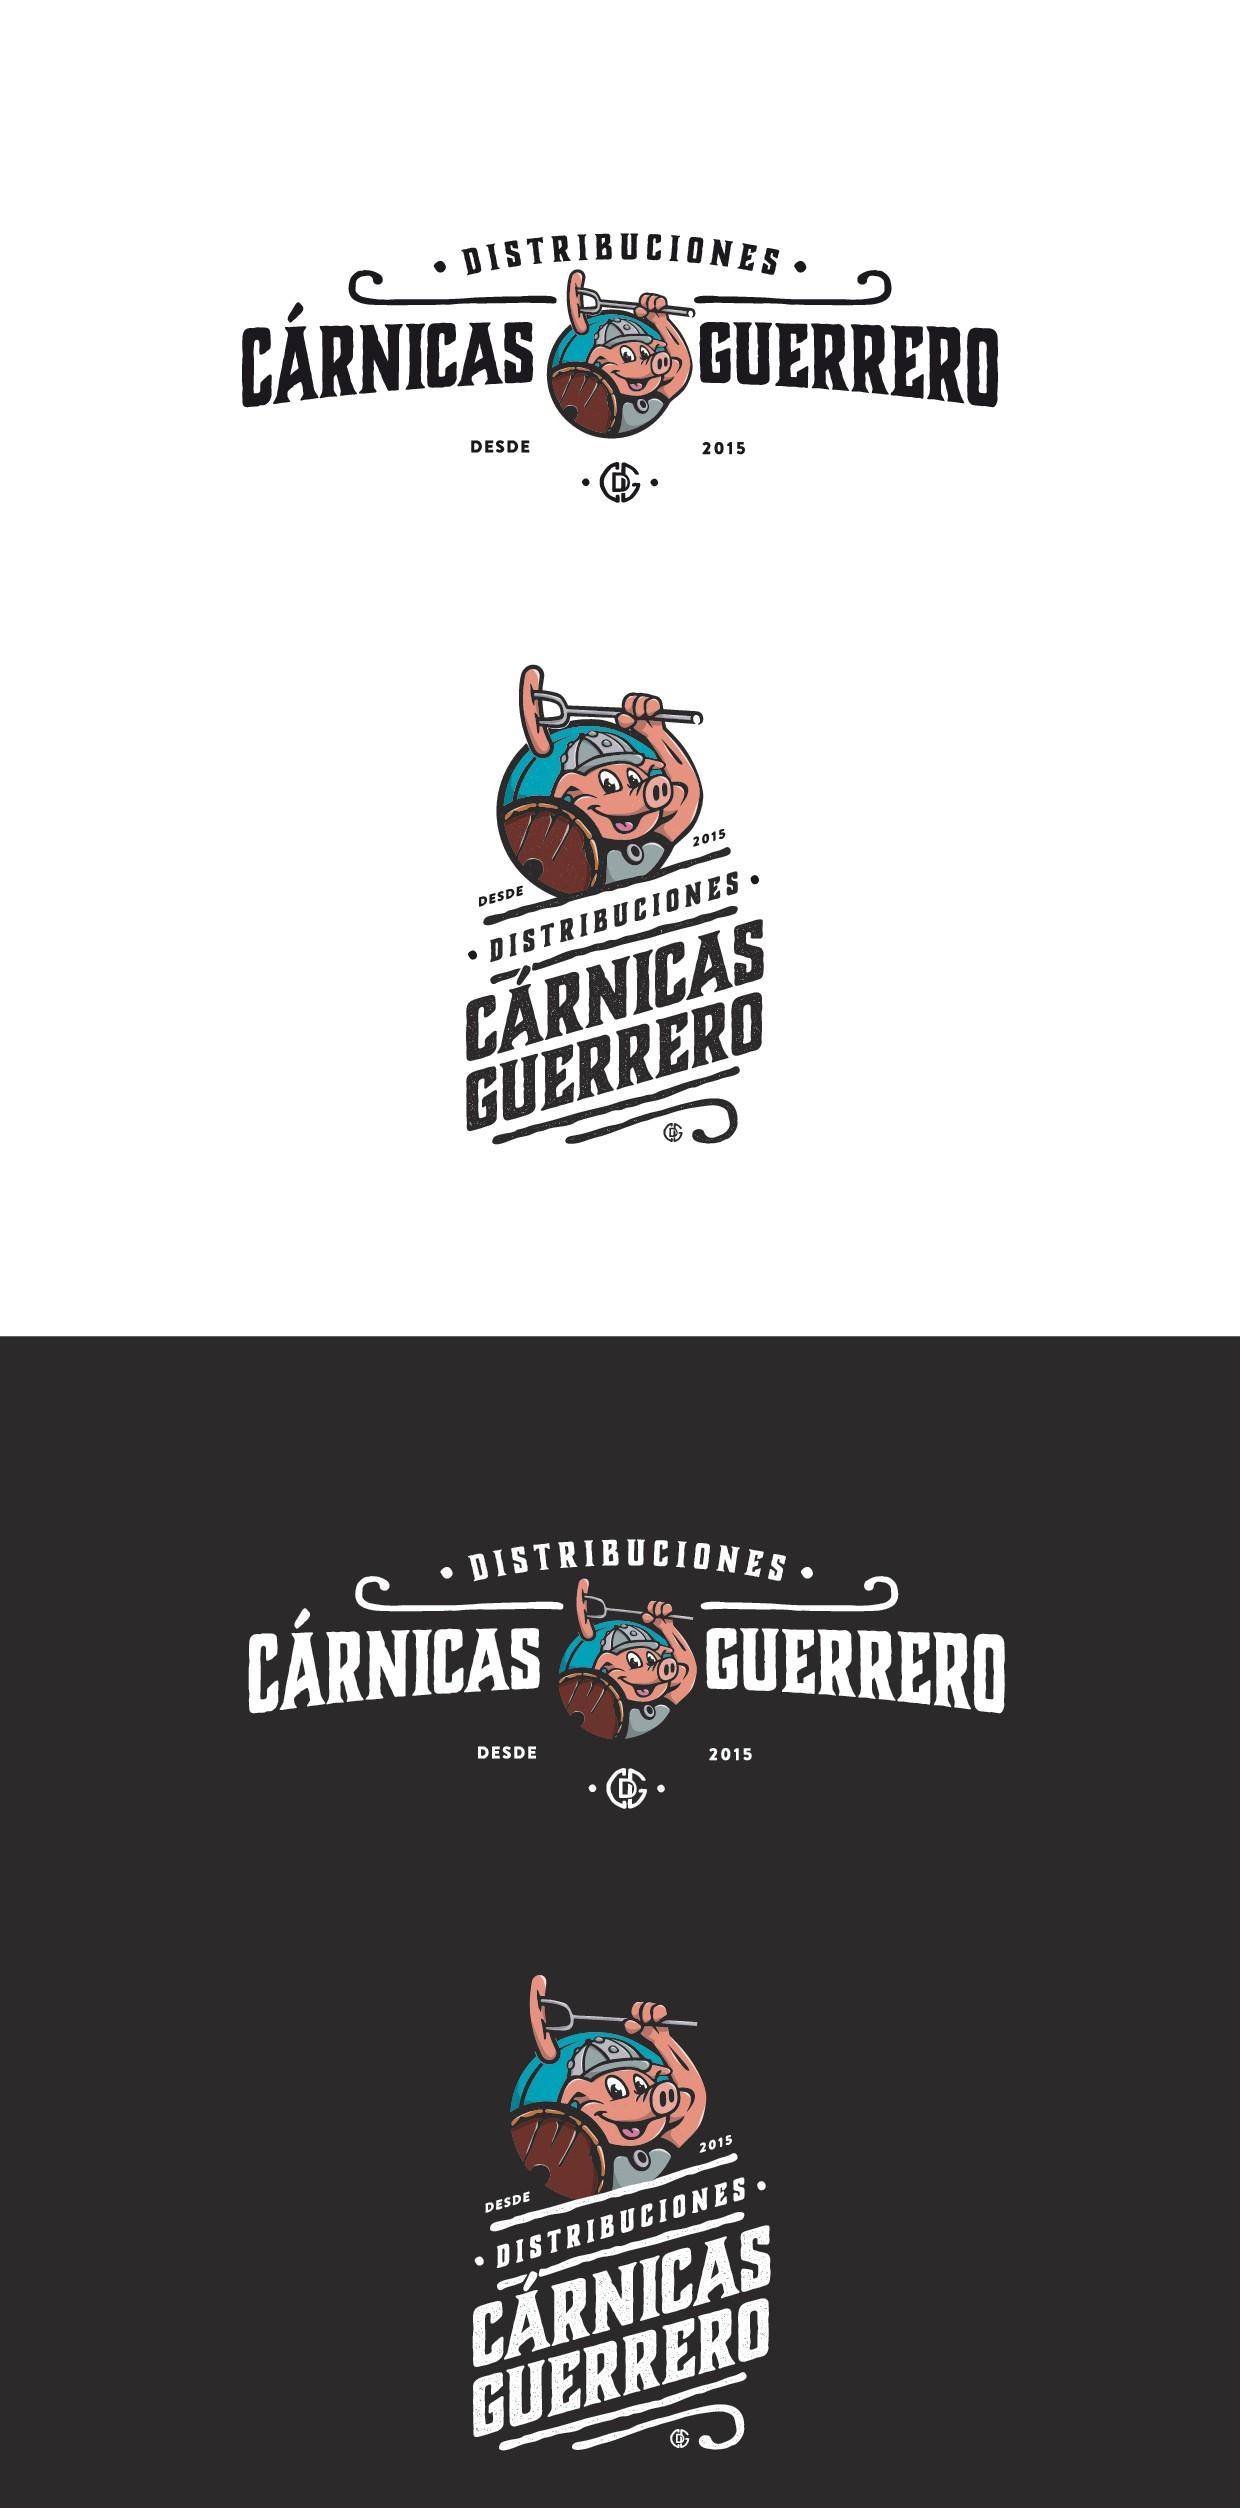 Distribuciones Cárnicas Guerrero